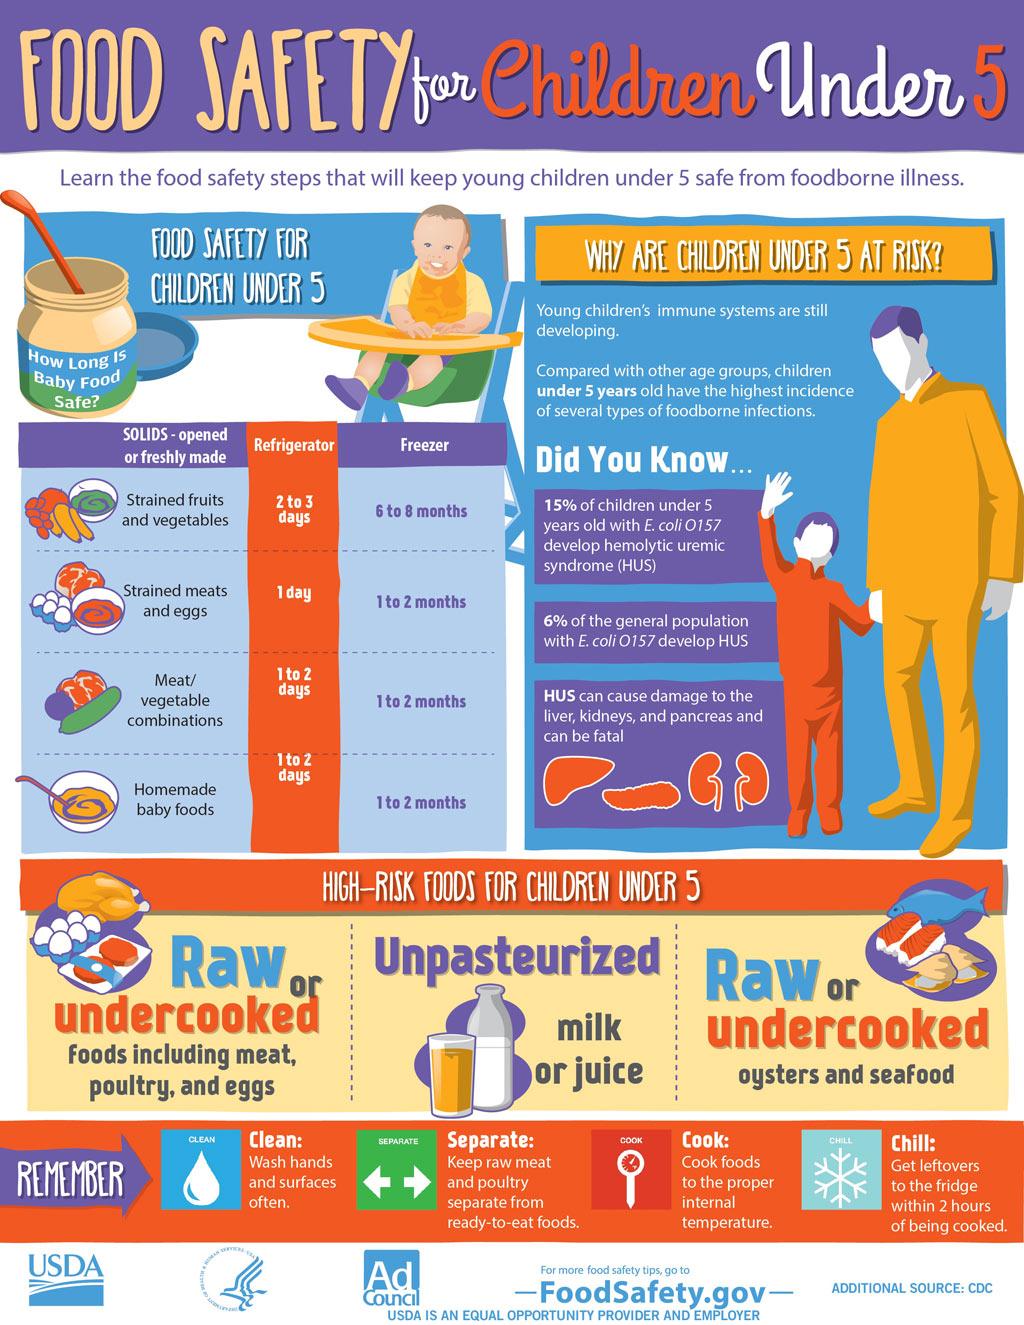 FDA_Food_Safety_Concerns_Children